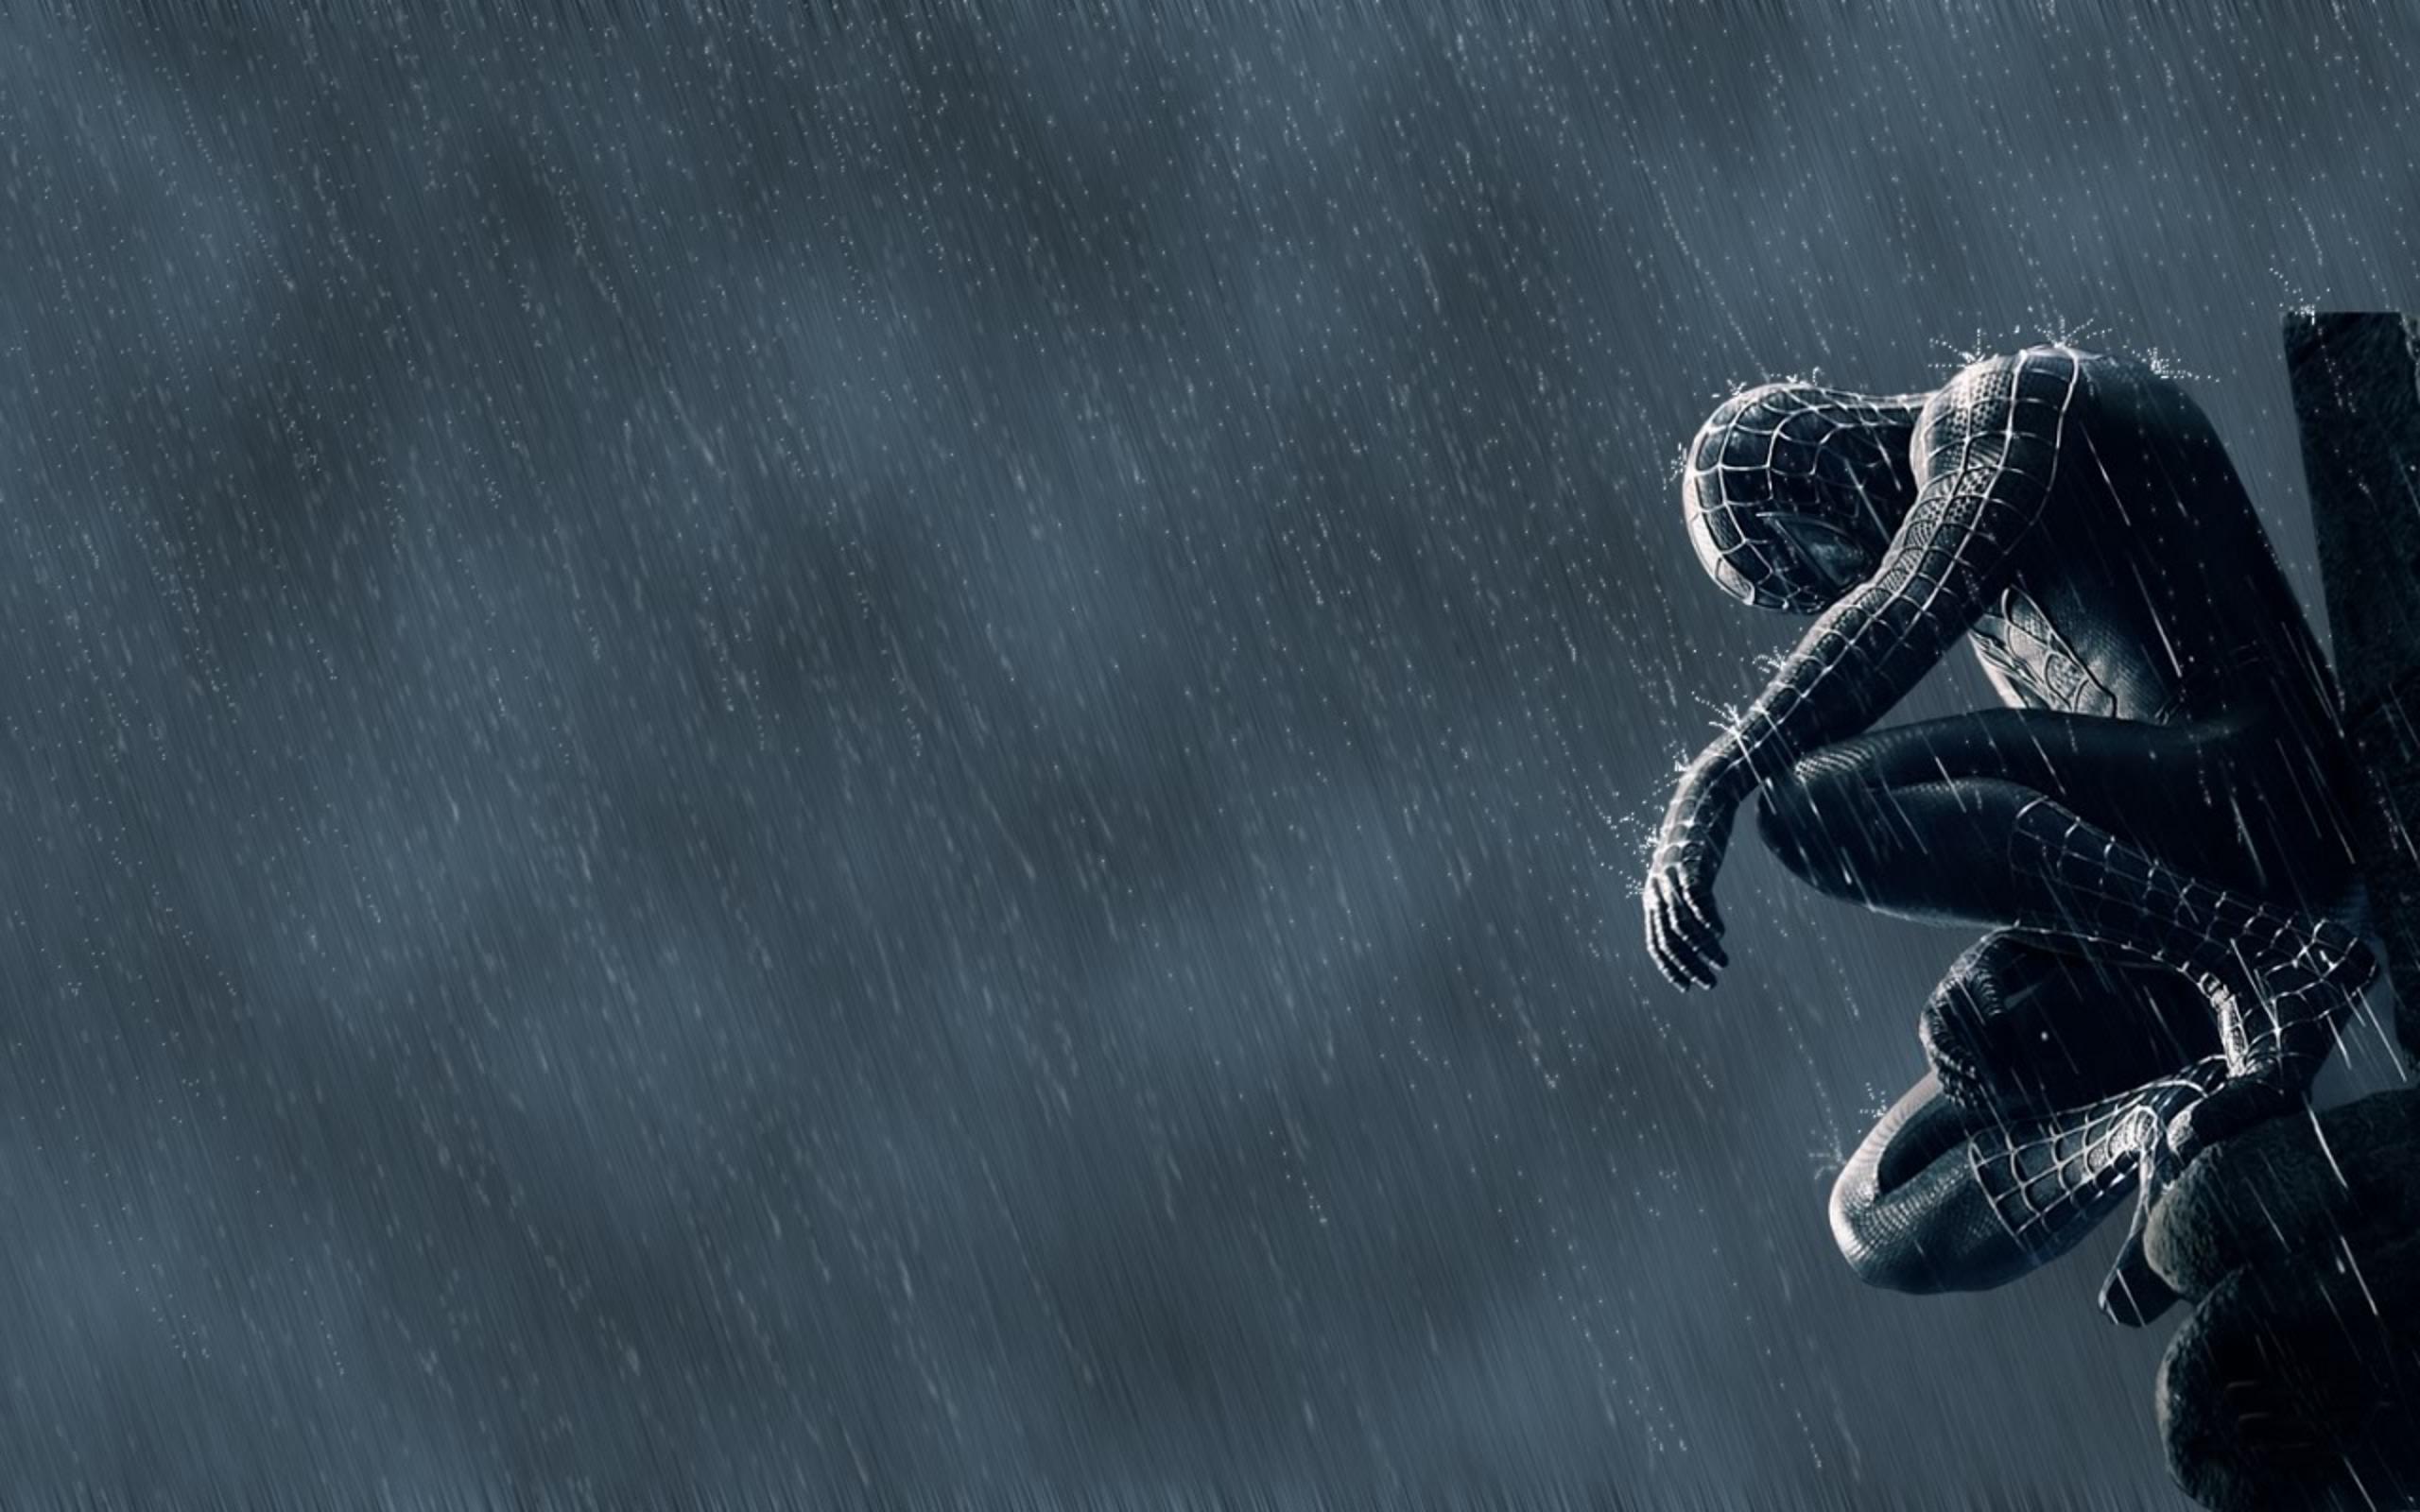 spider man computer wallpapers desktop backgrounds